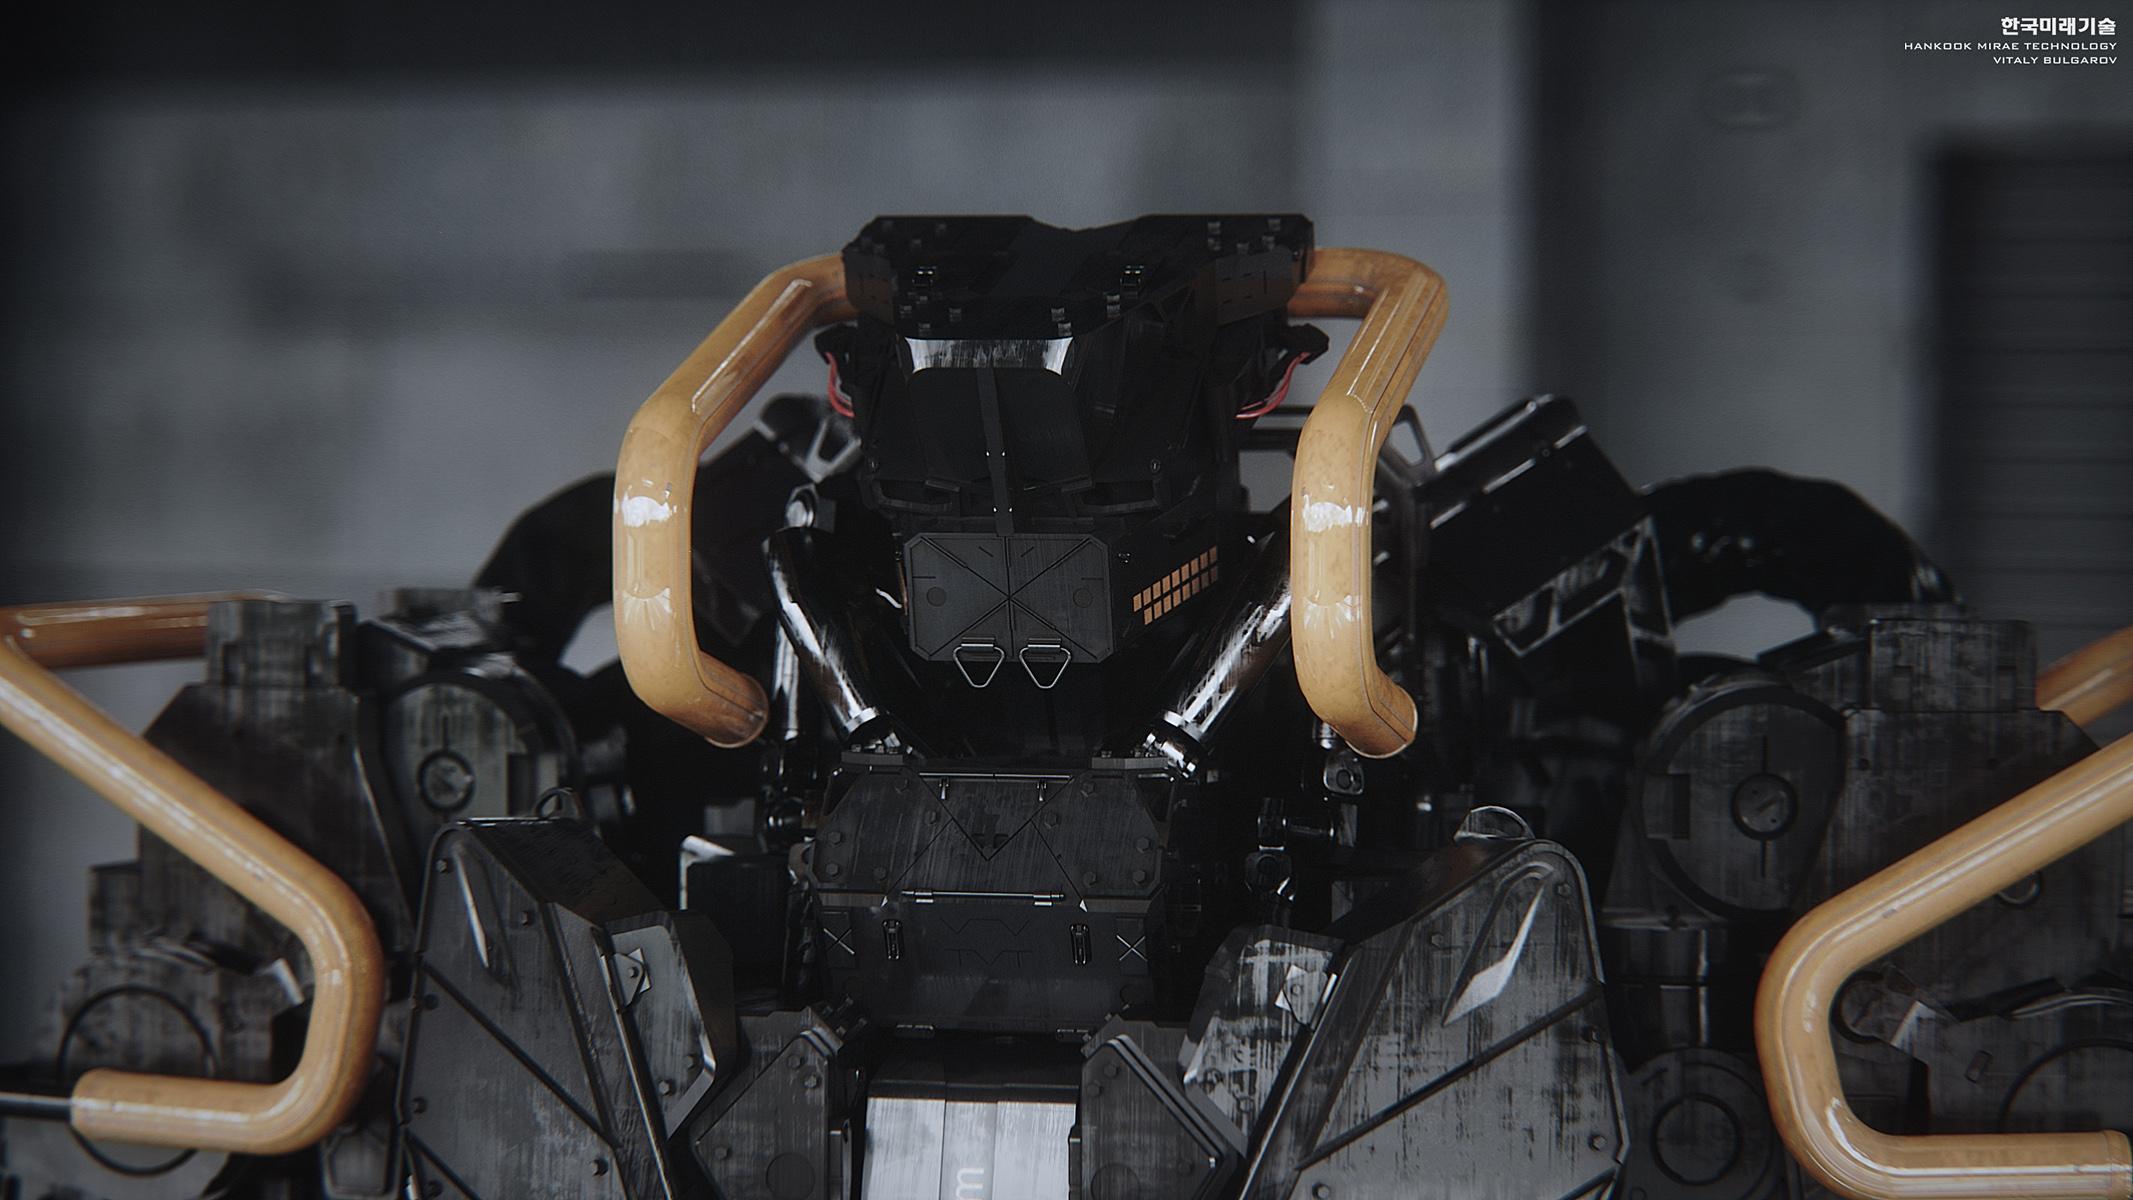 KFT_250cmRobot_V3_07.jpg